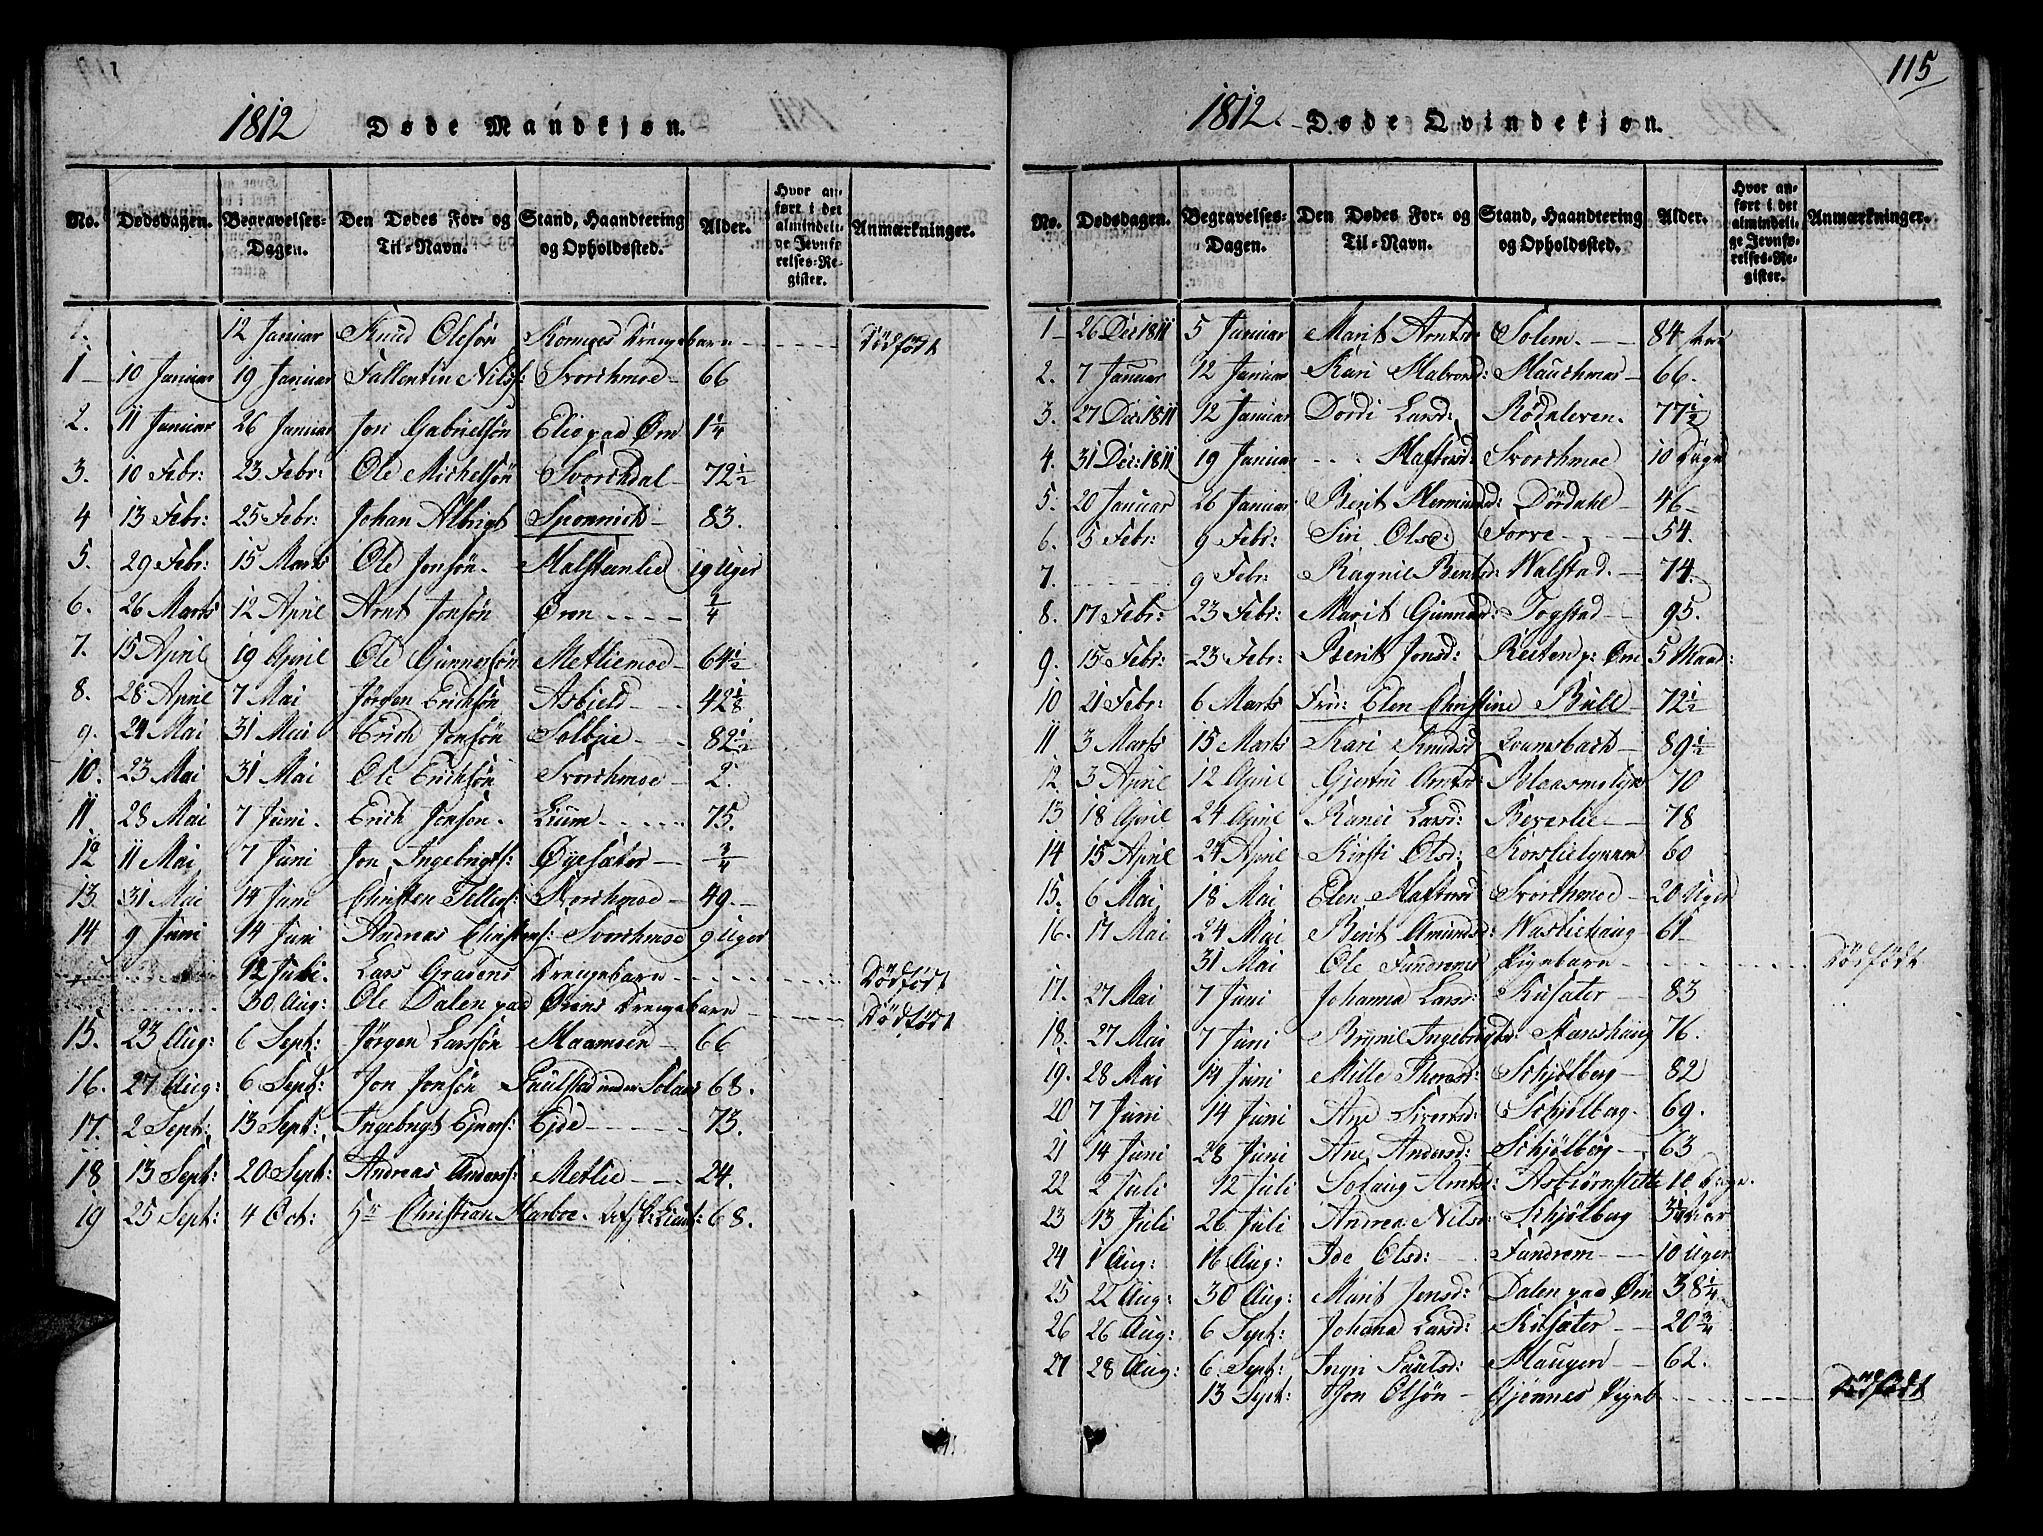 SAT, Ministerialprotokoller, klokkerbøker og fødselsregistre - Sør-Trøndelag, 668/L0803: Ministerialbok nr. 668A03, 1800-1826, s. 115